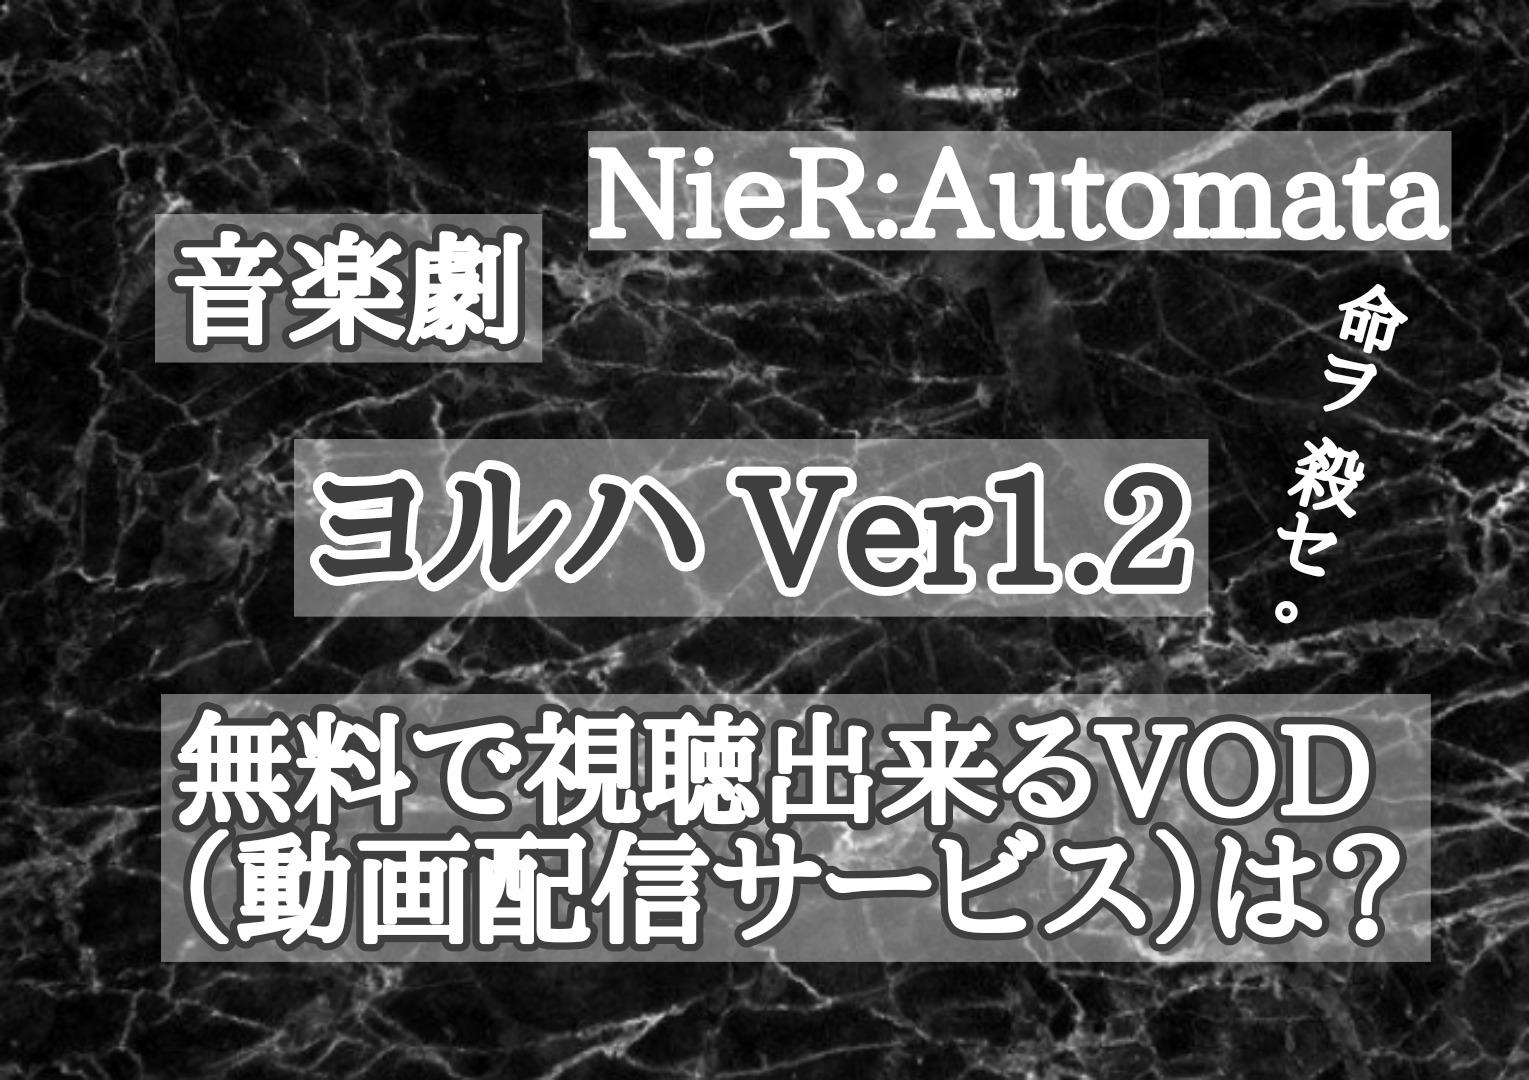 音楽劇『ヨルハVer1.2』を無料で視聴できるVOD(動画配信サービス)は?